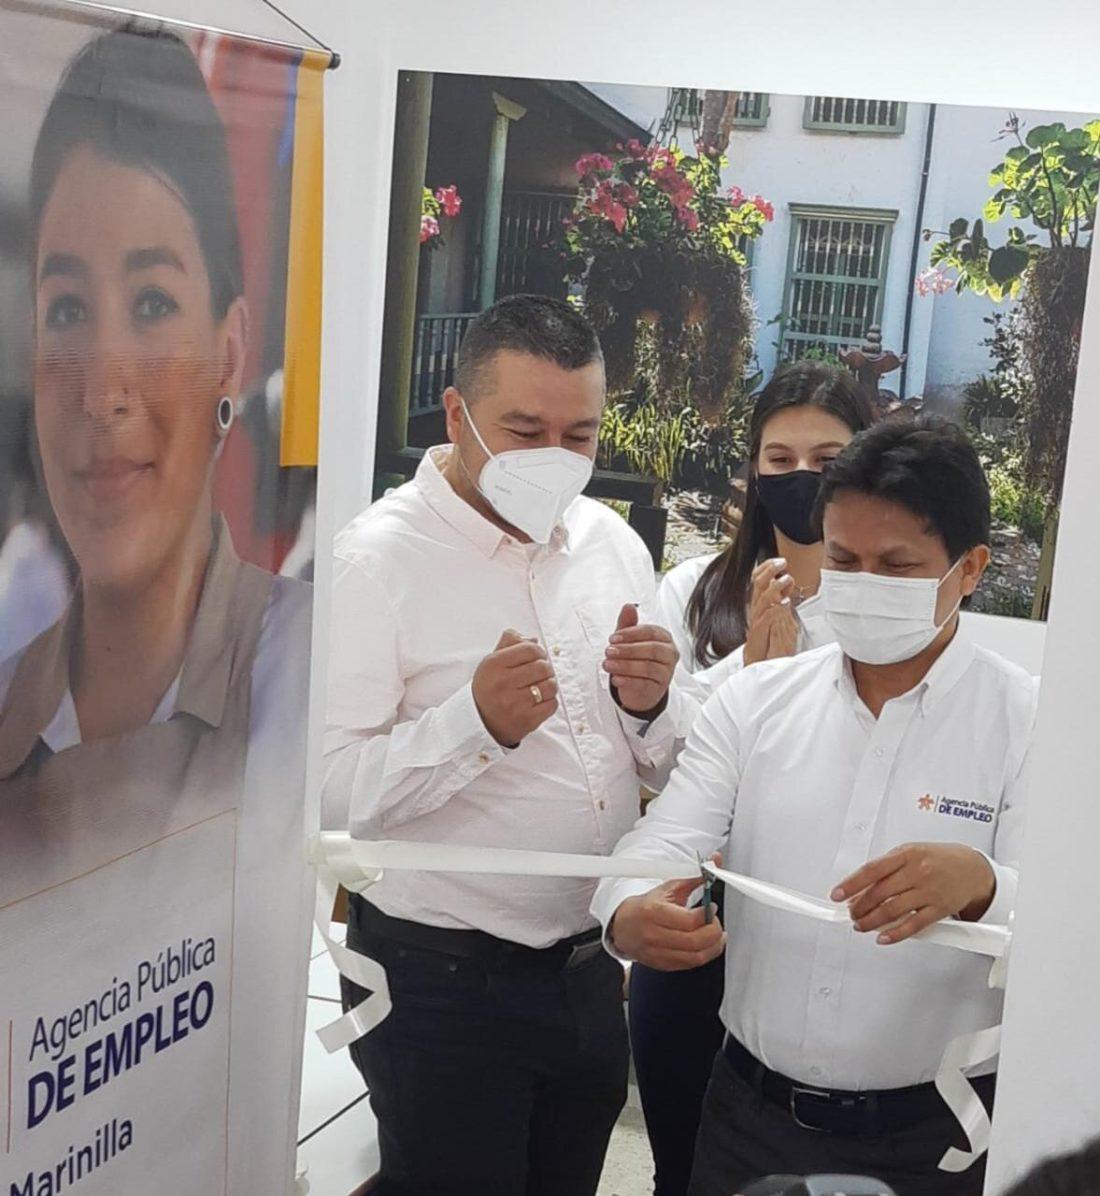 En Marinilla se abrió una nueva oficina de la Agencia de Empleo del Sena.